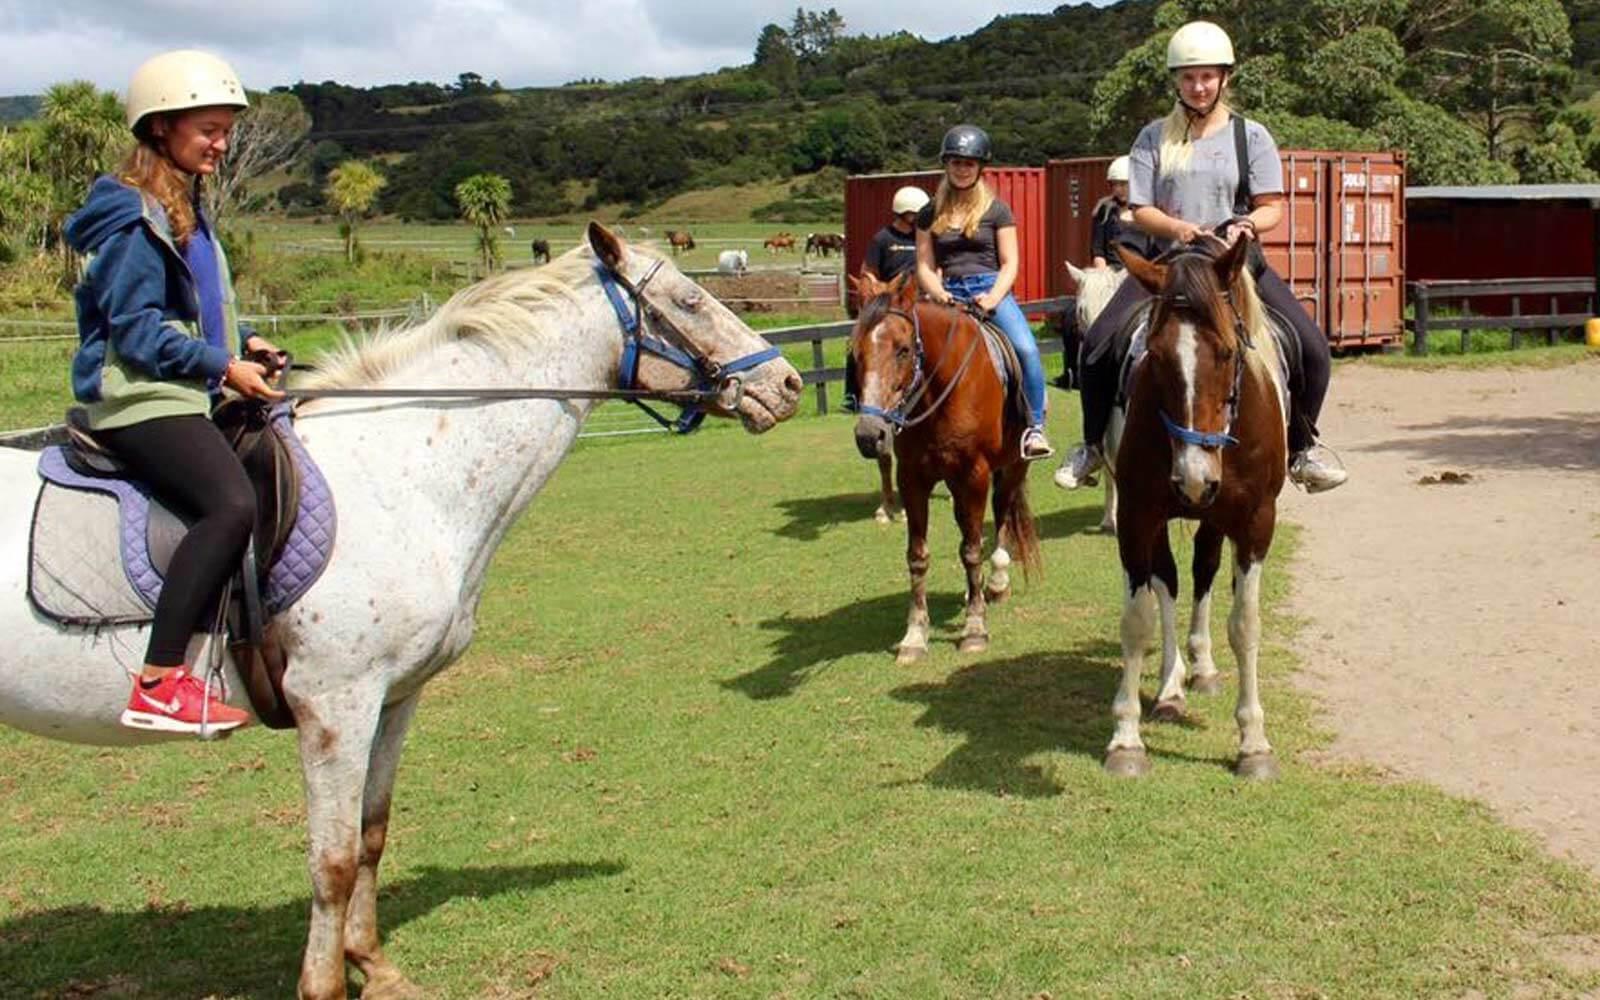 Lena und ihre Freundinnen auf Pferden